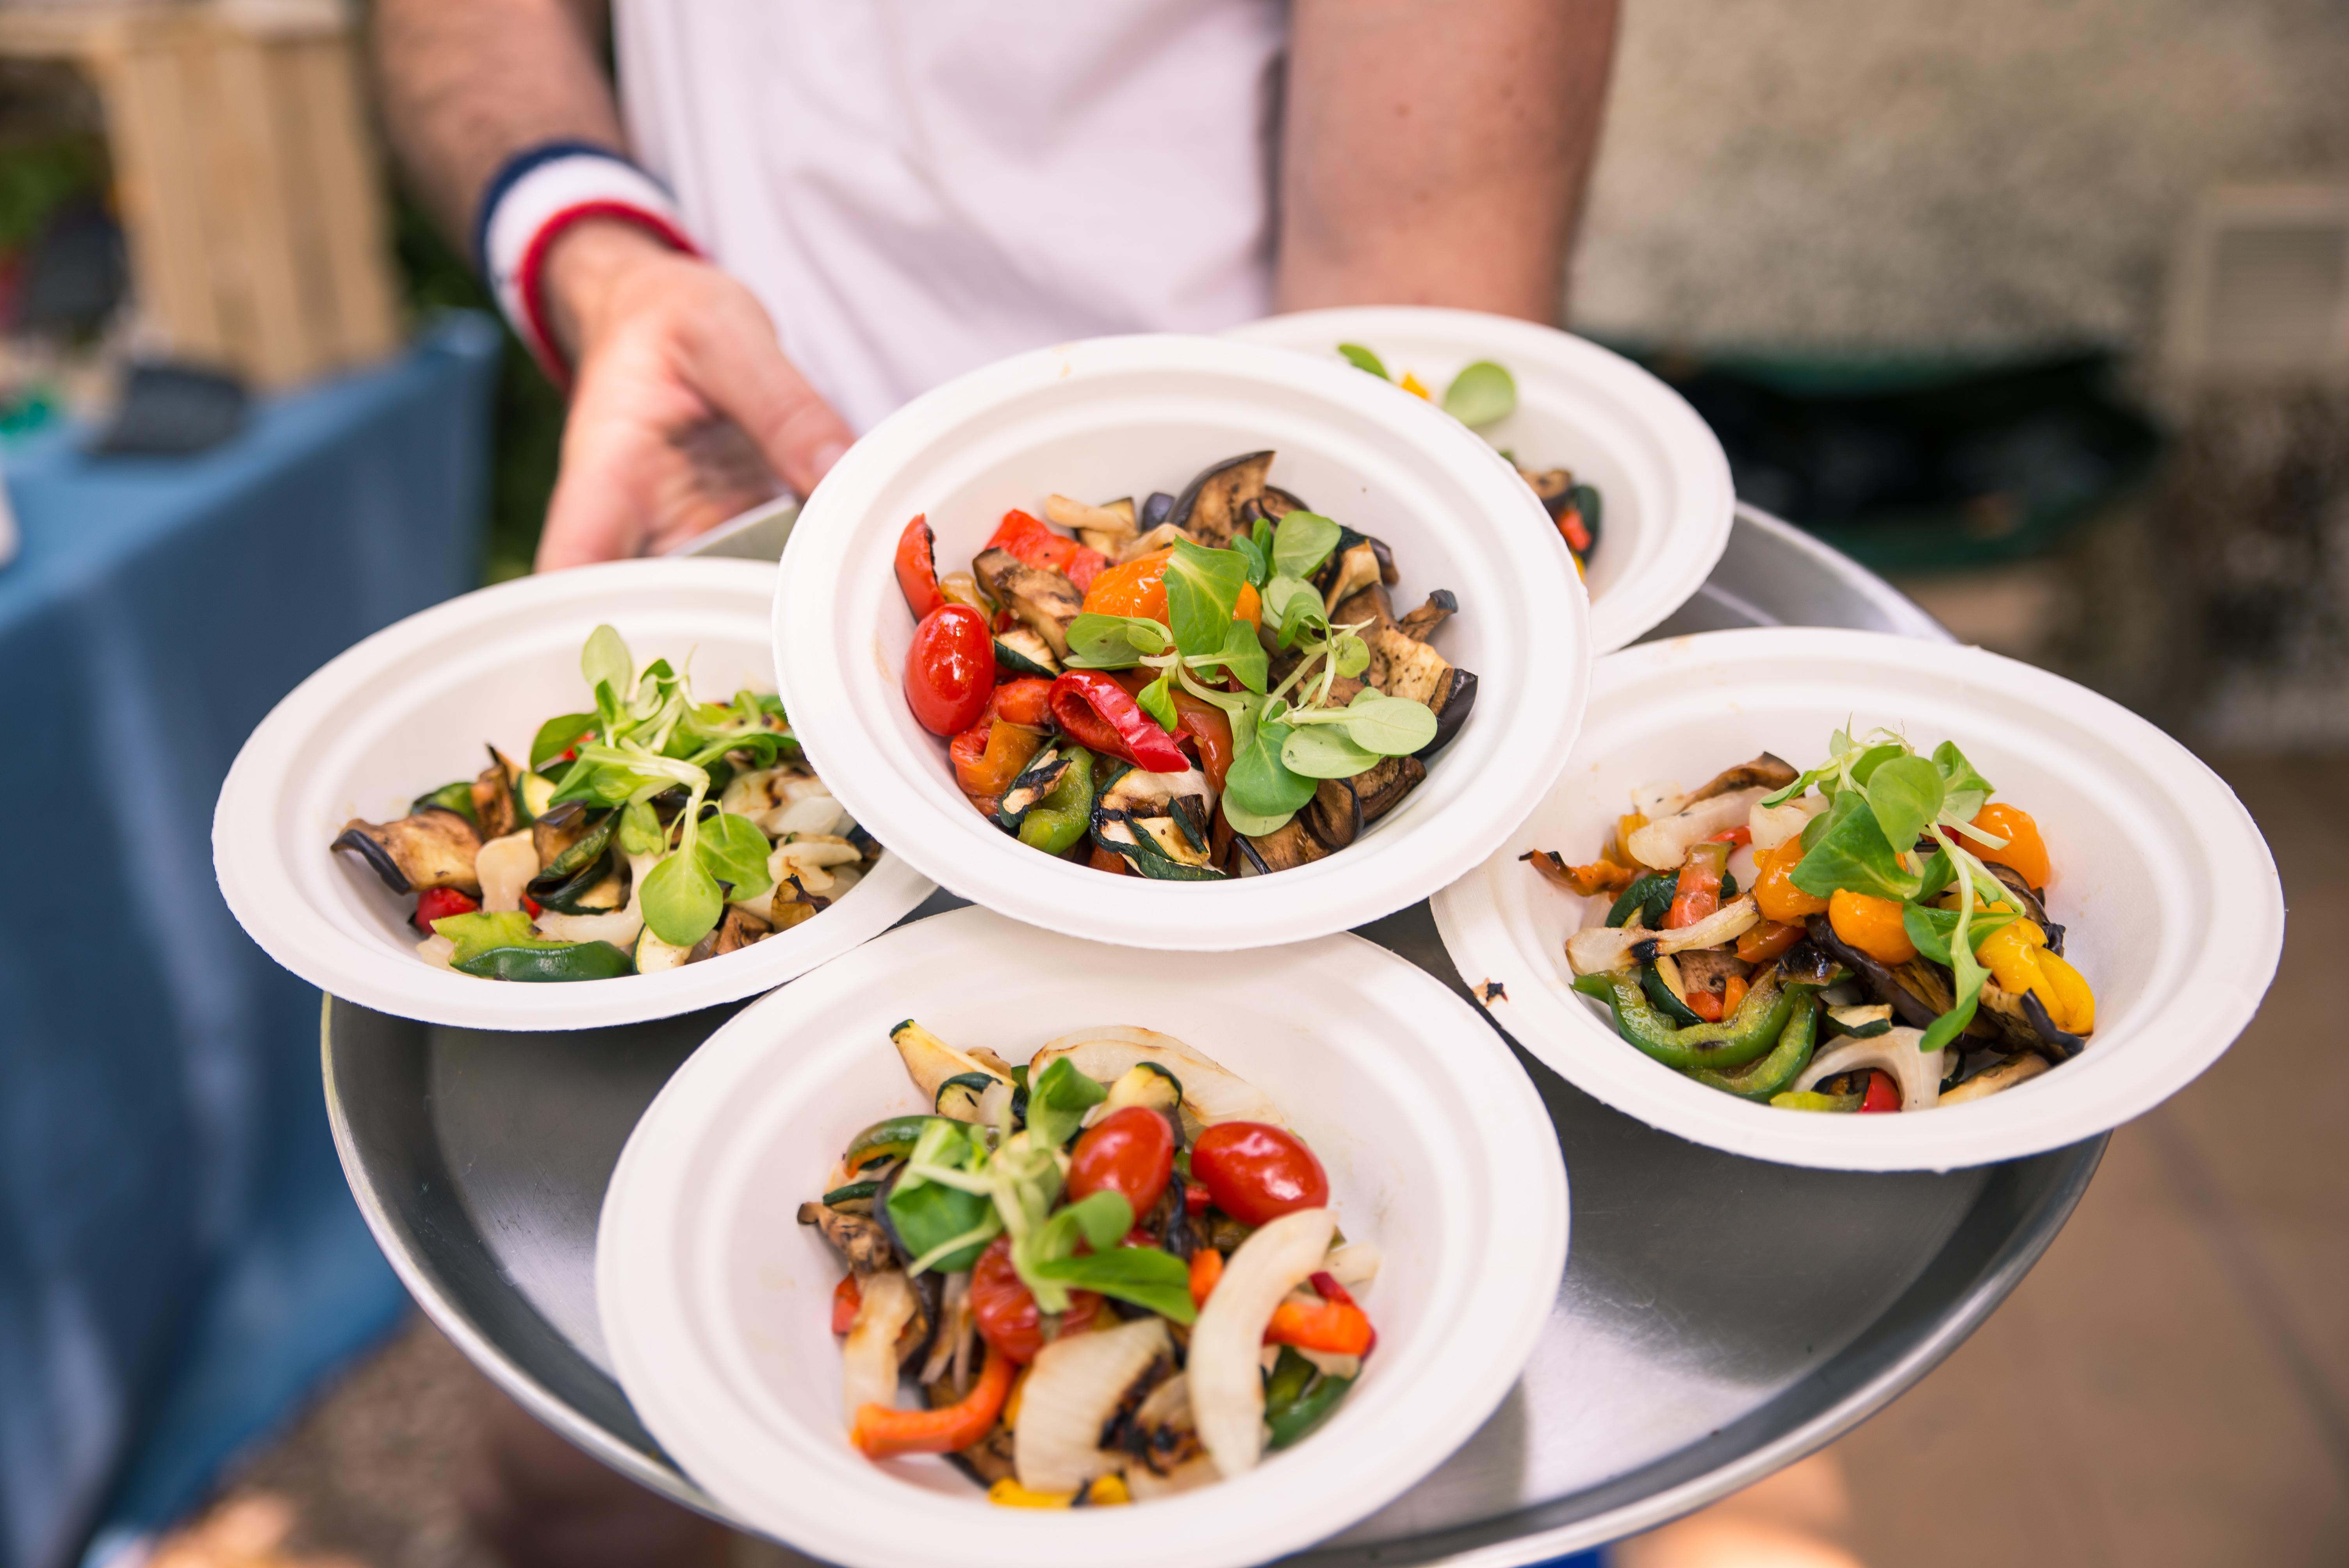 Domowe obiady na dowóz, czyli alternatywa dla klientów lokali gastronomicznych